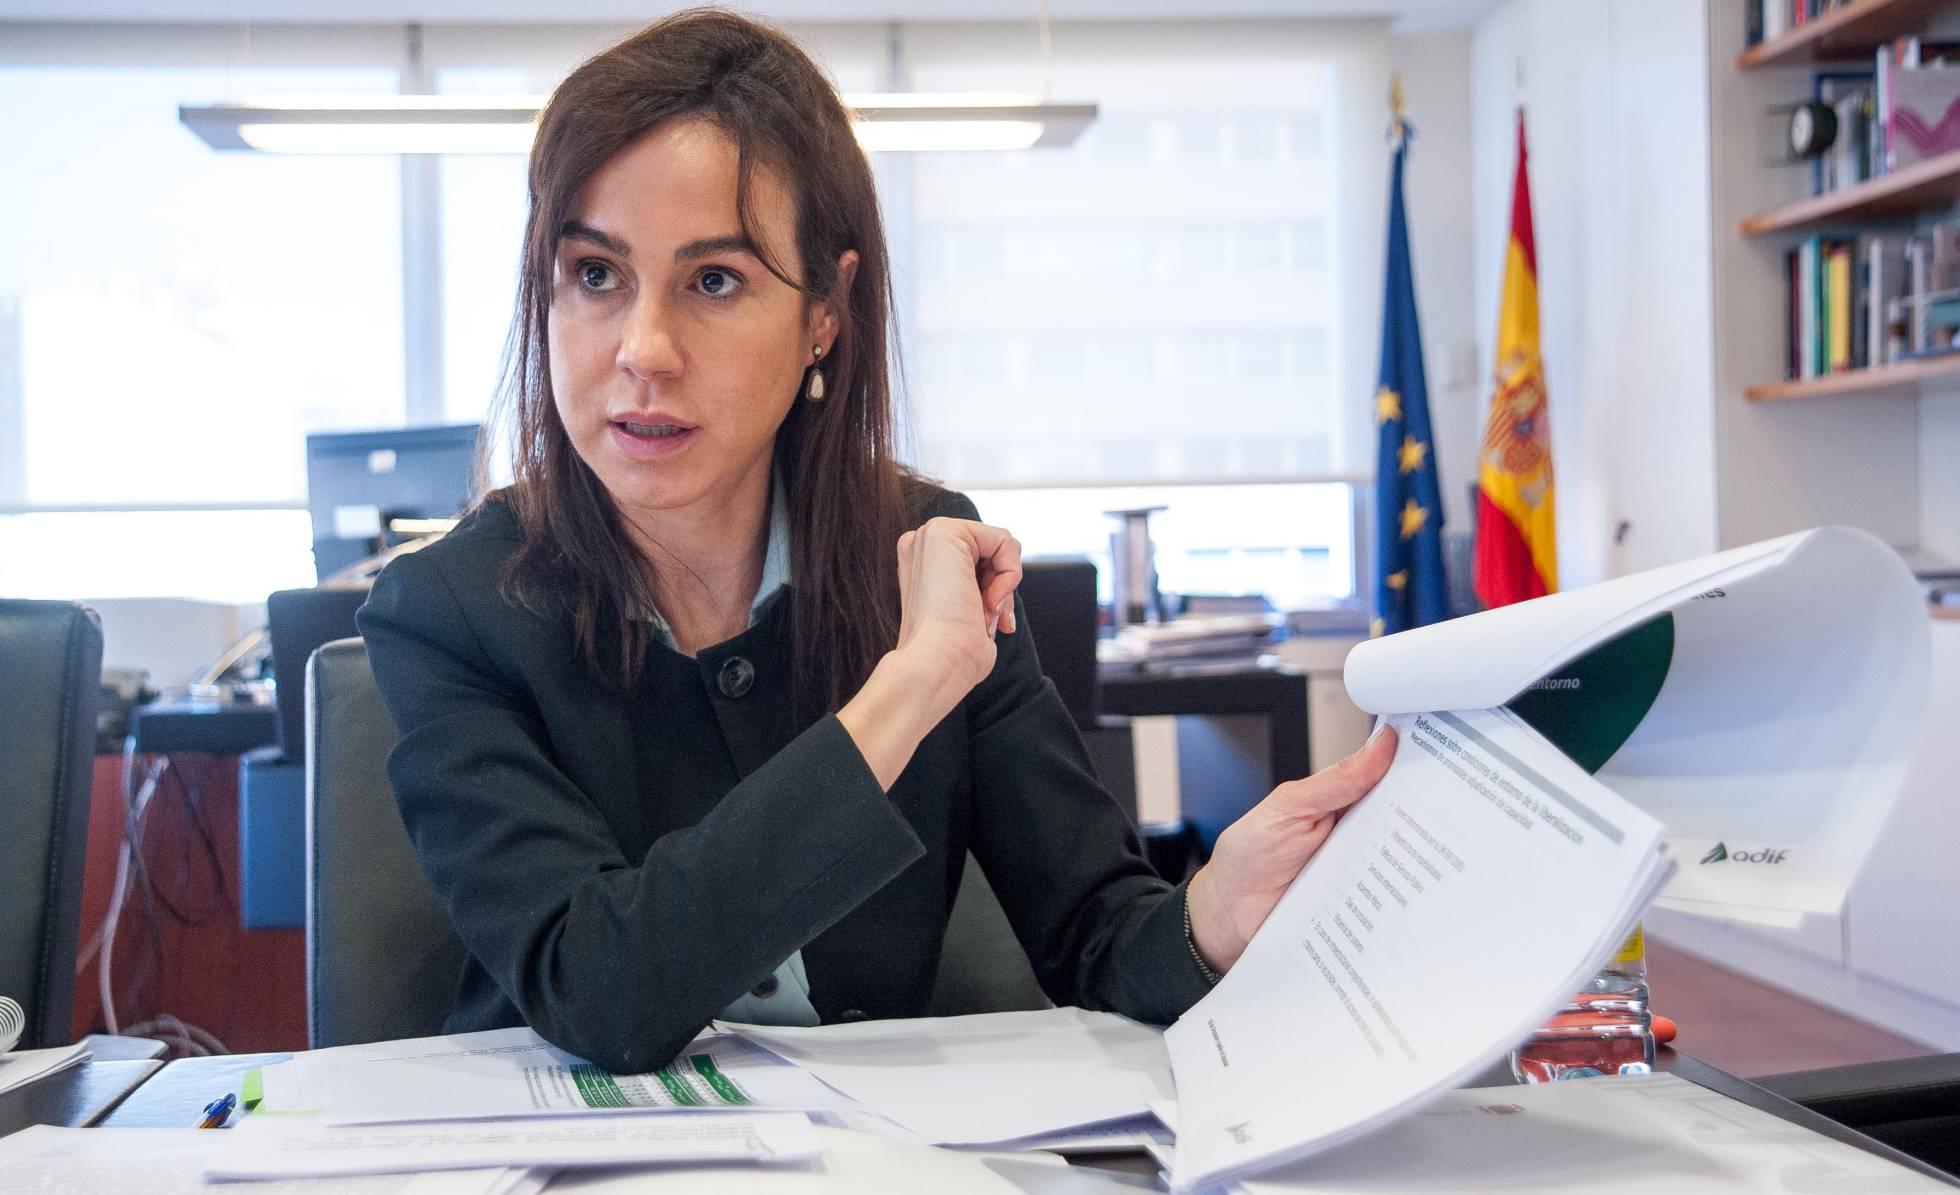 Isabel Pardo de Vera, presidenta de Adif, rodeada de papeles en la mesa de reuniones de su despacho.